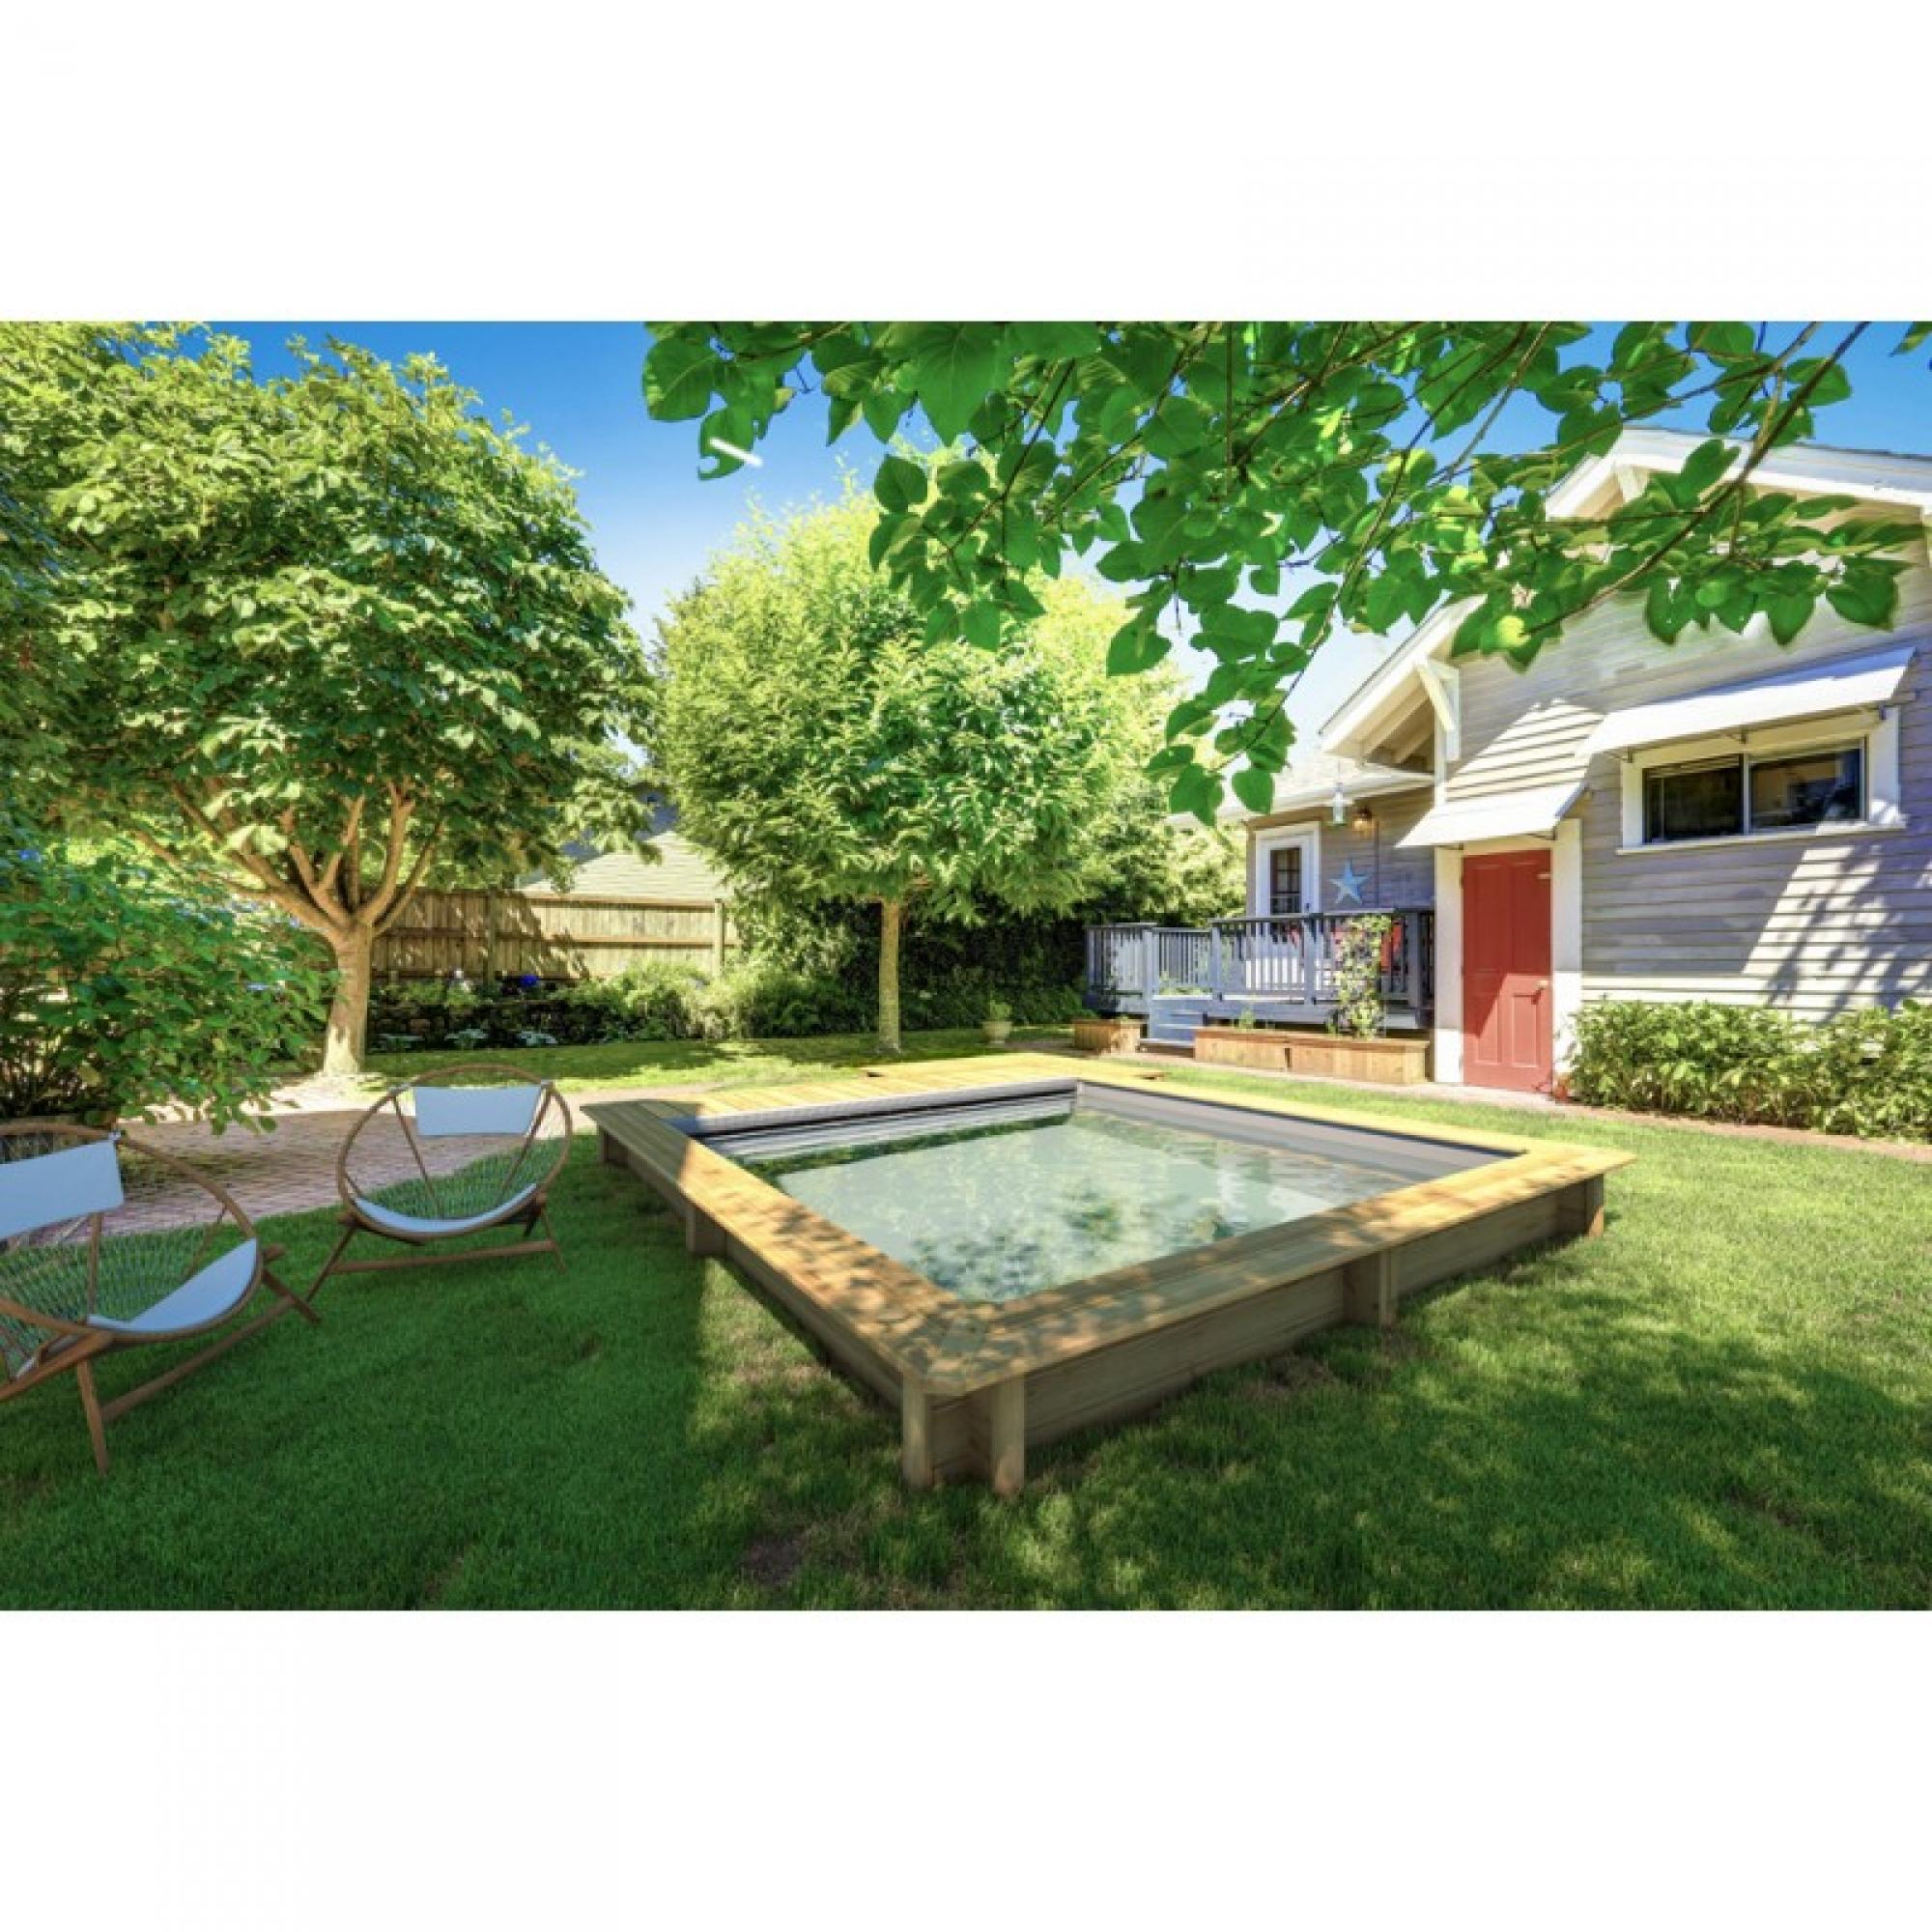 La mini piscine la plus urbaine des piscines Aquamag